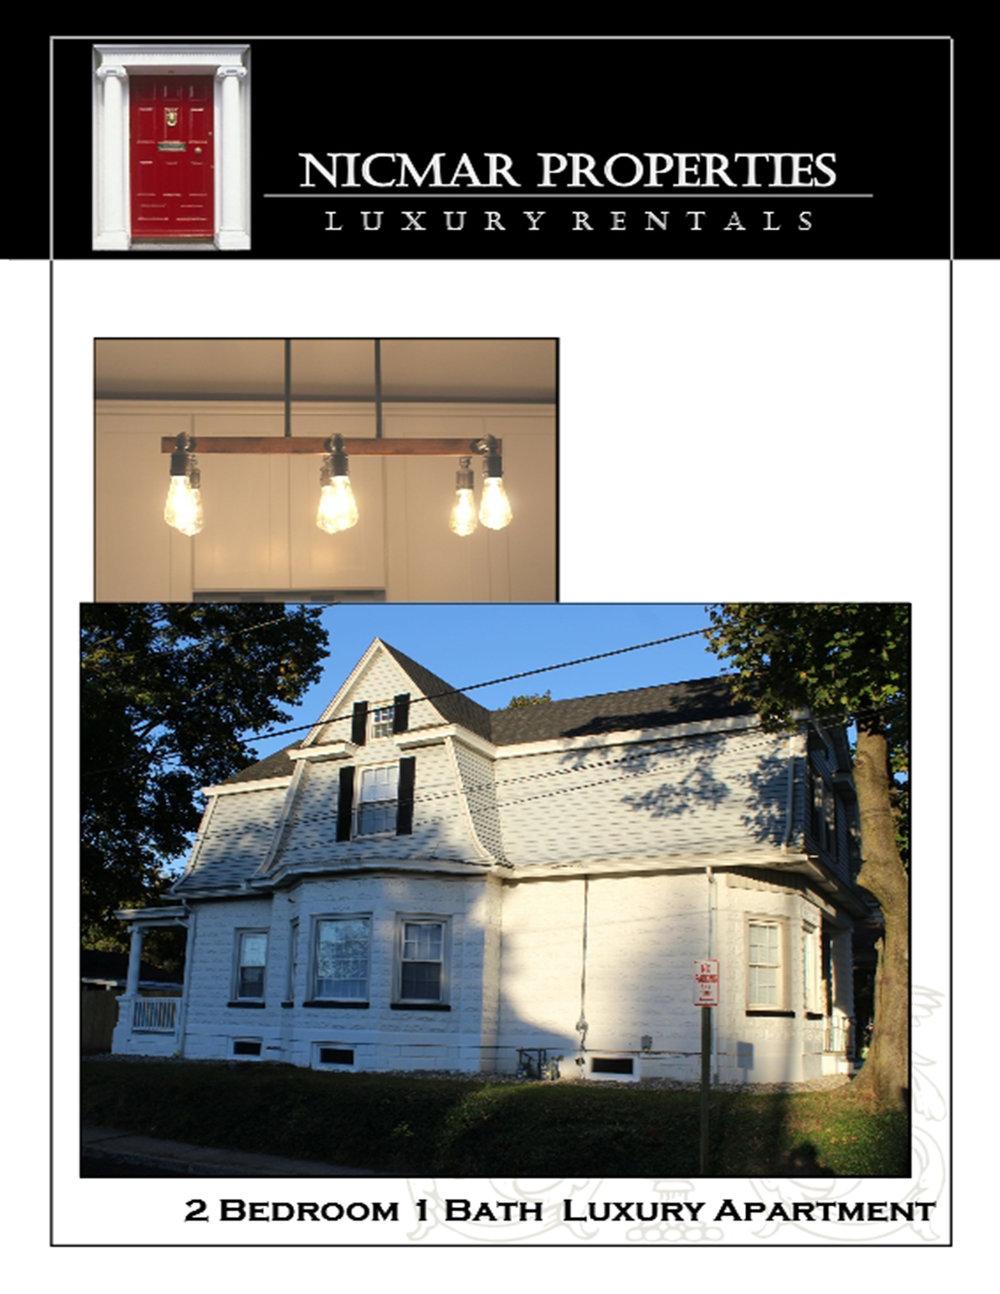 NicMar Luxury Rentals 14 Pic01.jpg